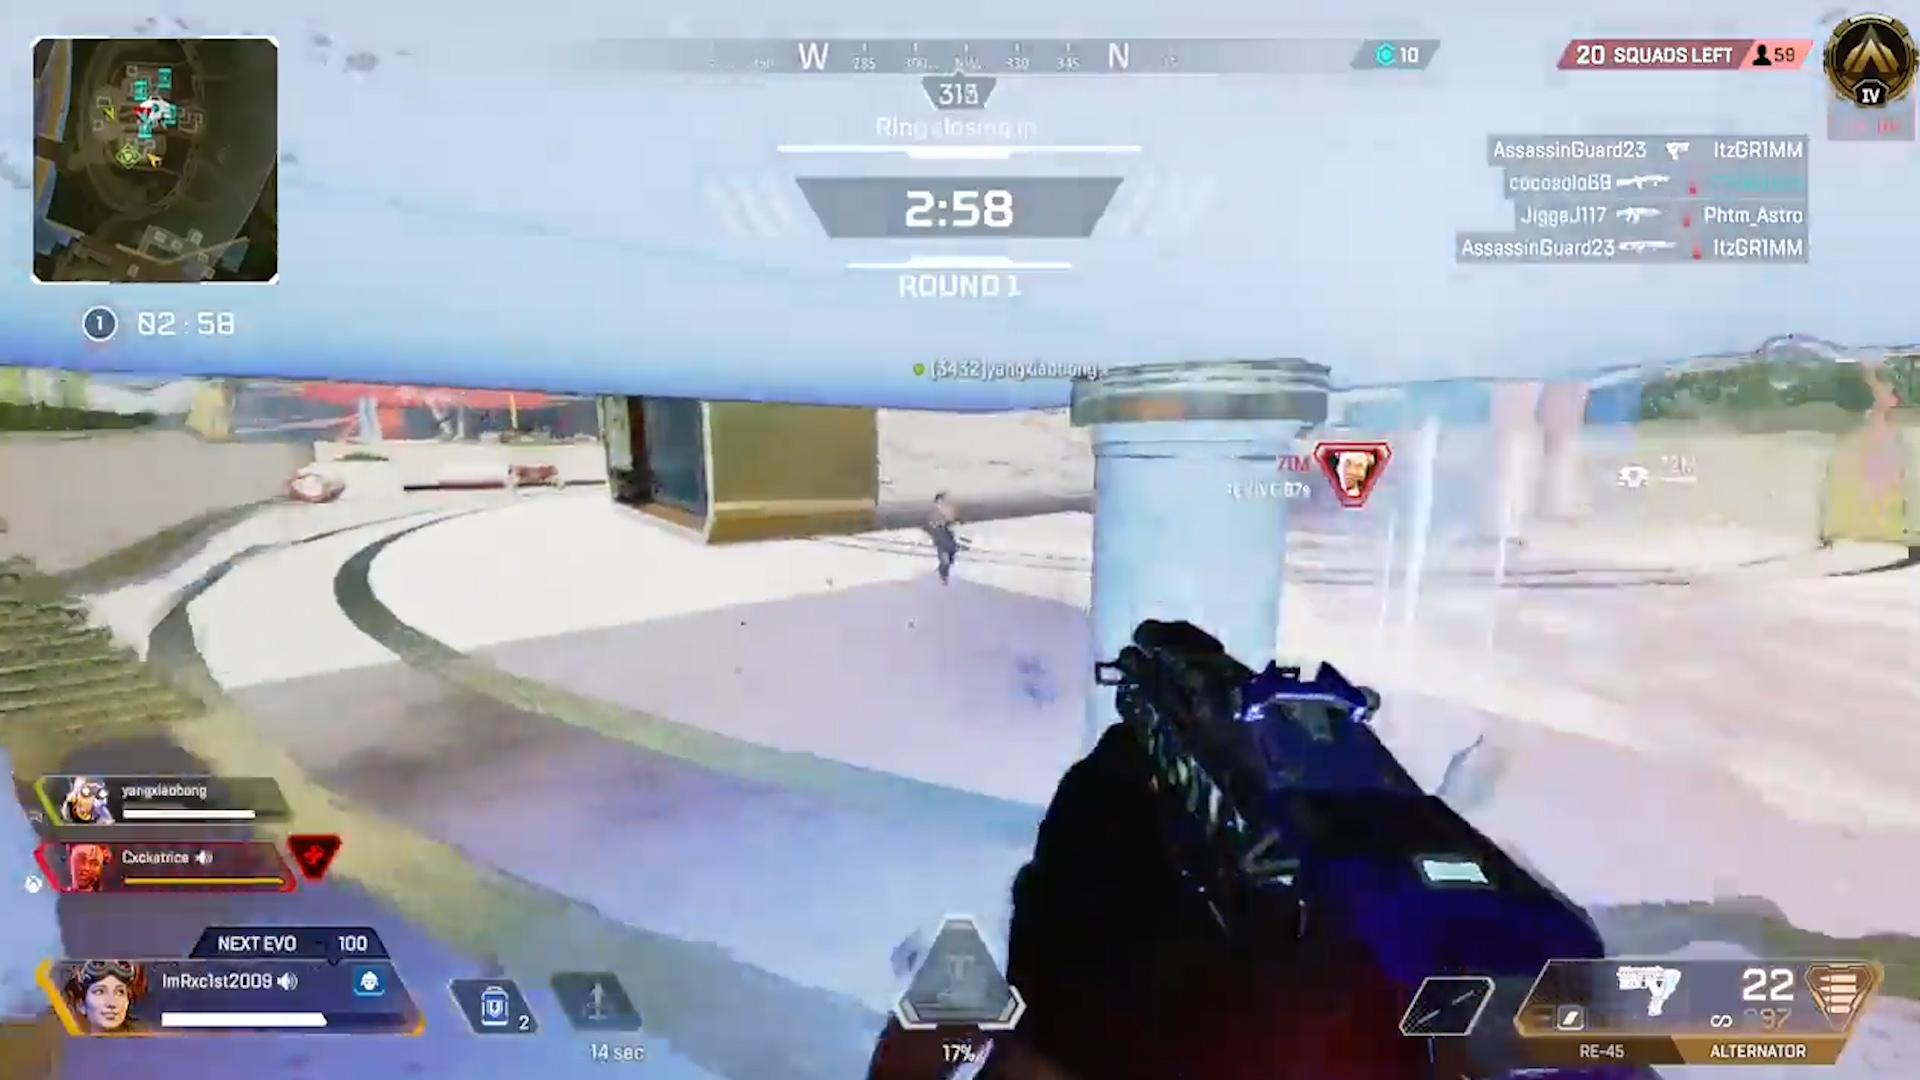 【APEX小技】ホライゾンのグラビティリフトは「天井がある場所」で使うと弾を避けやすい